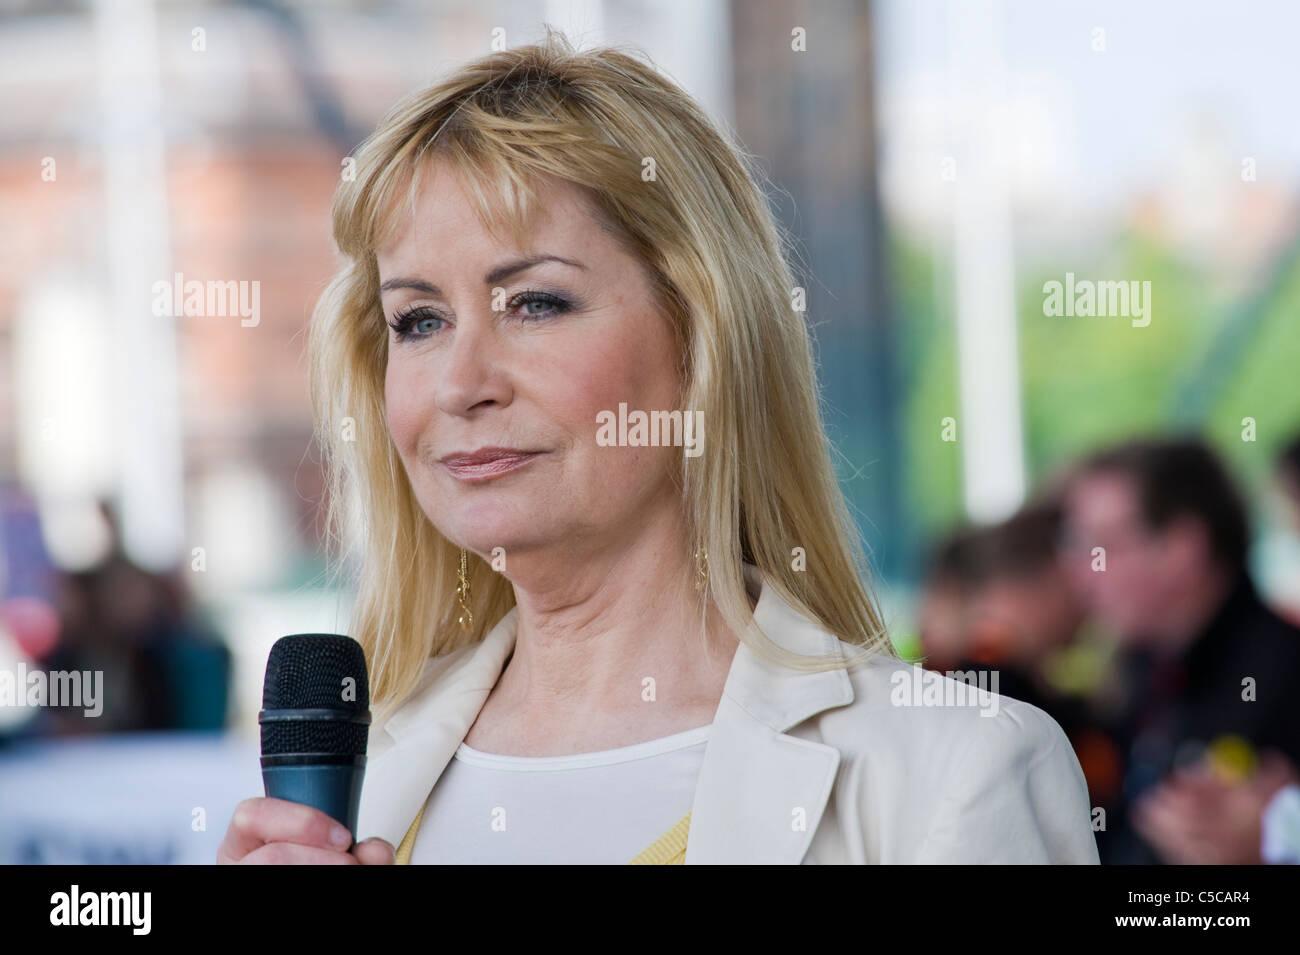 Sian Lloyd TV-Persönlichkeit, die anlässlich der Protestkundgebung gegen den geplanten Windparks und Infrastruktur Stockbild